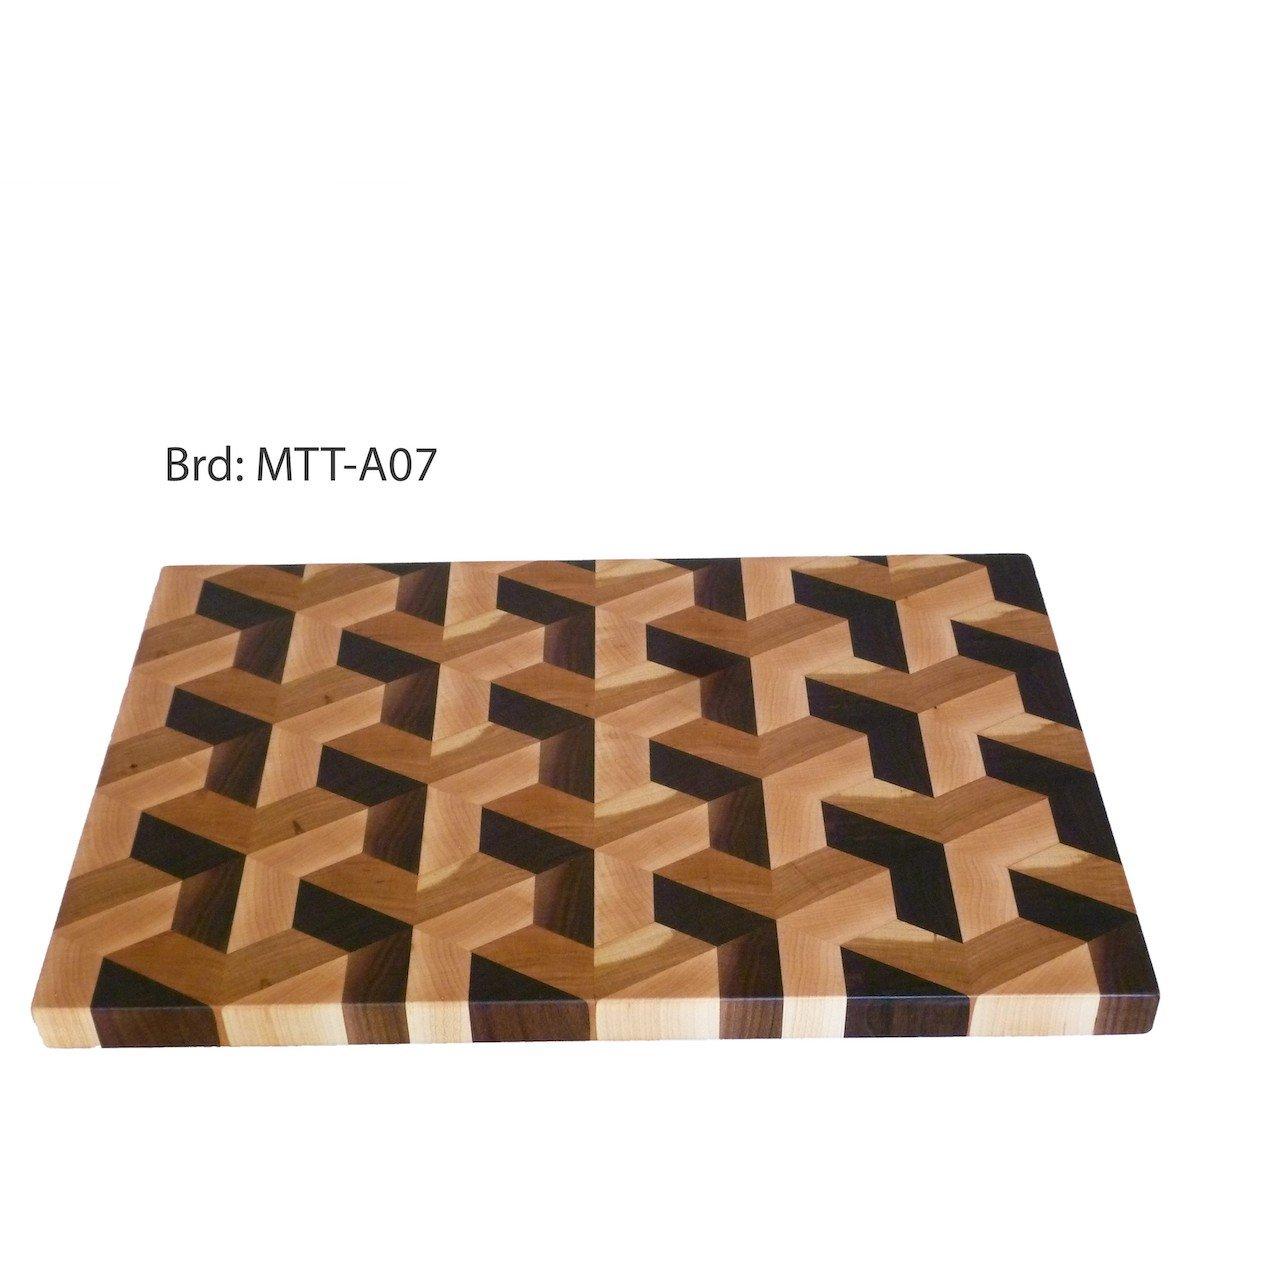 MTTT-A07